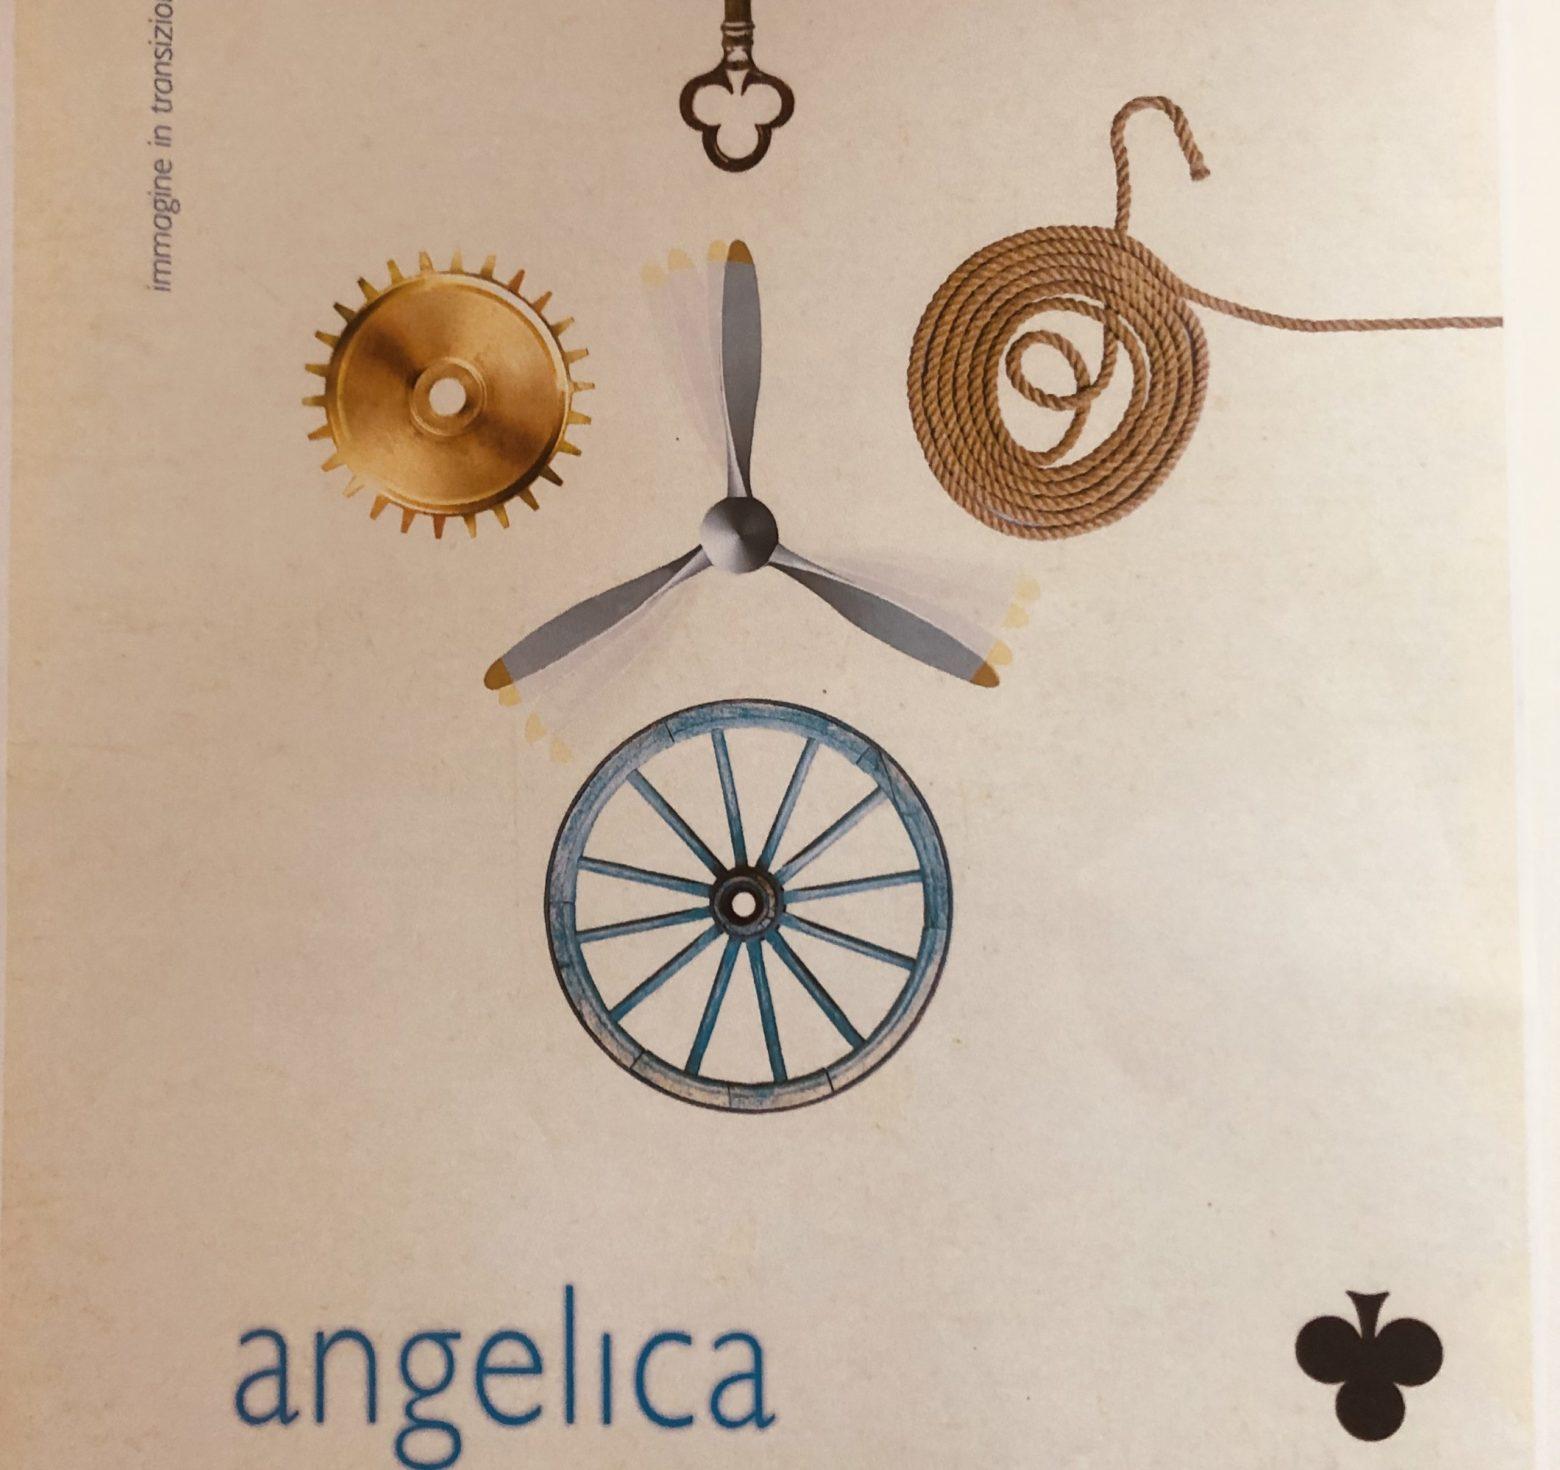 angelica festival bologna